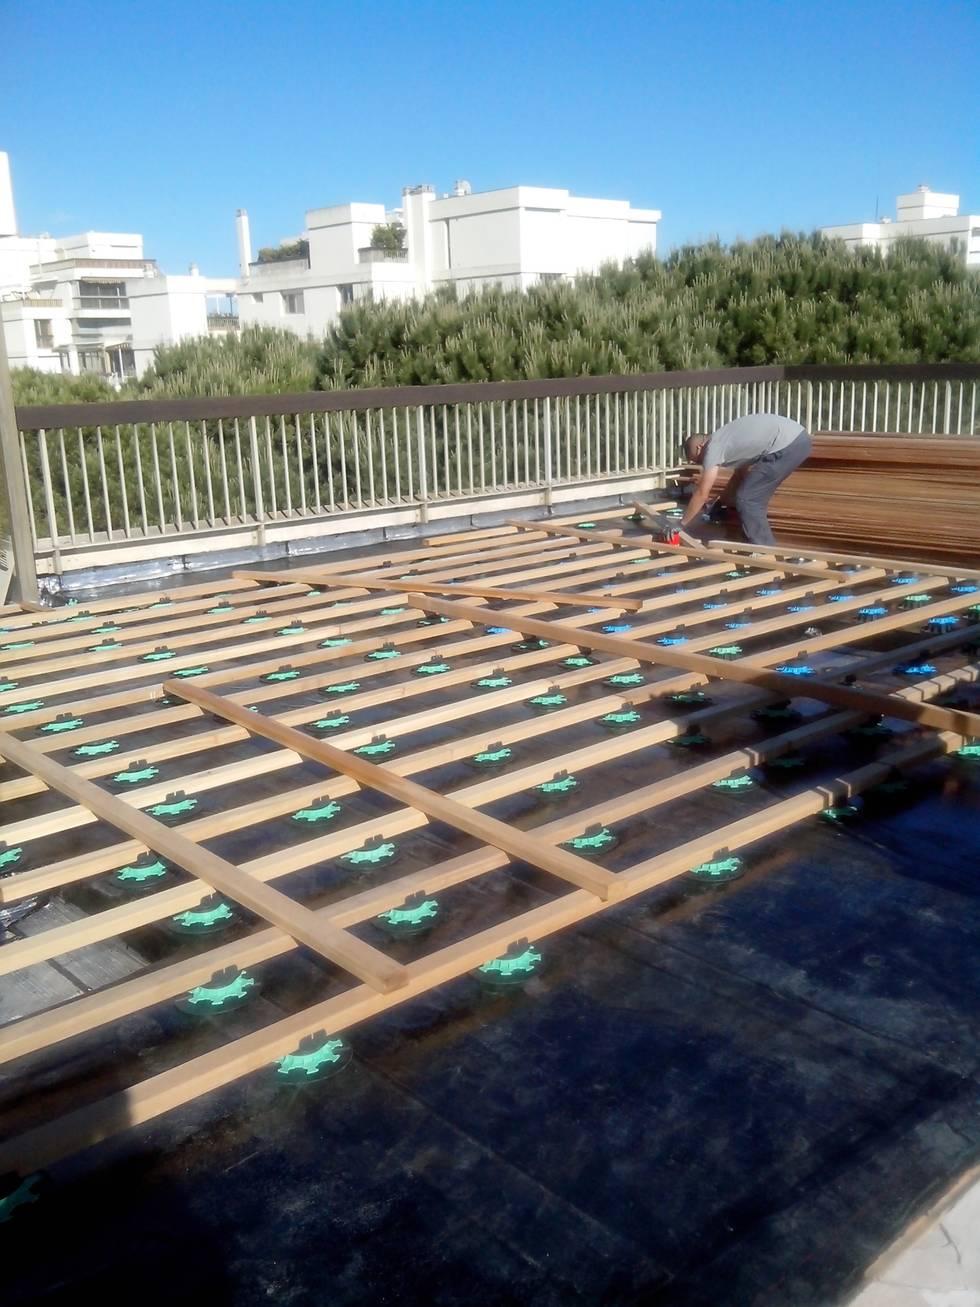 Cómo transformaron una terraza ¡gracias a la madera!